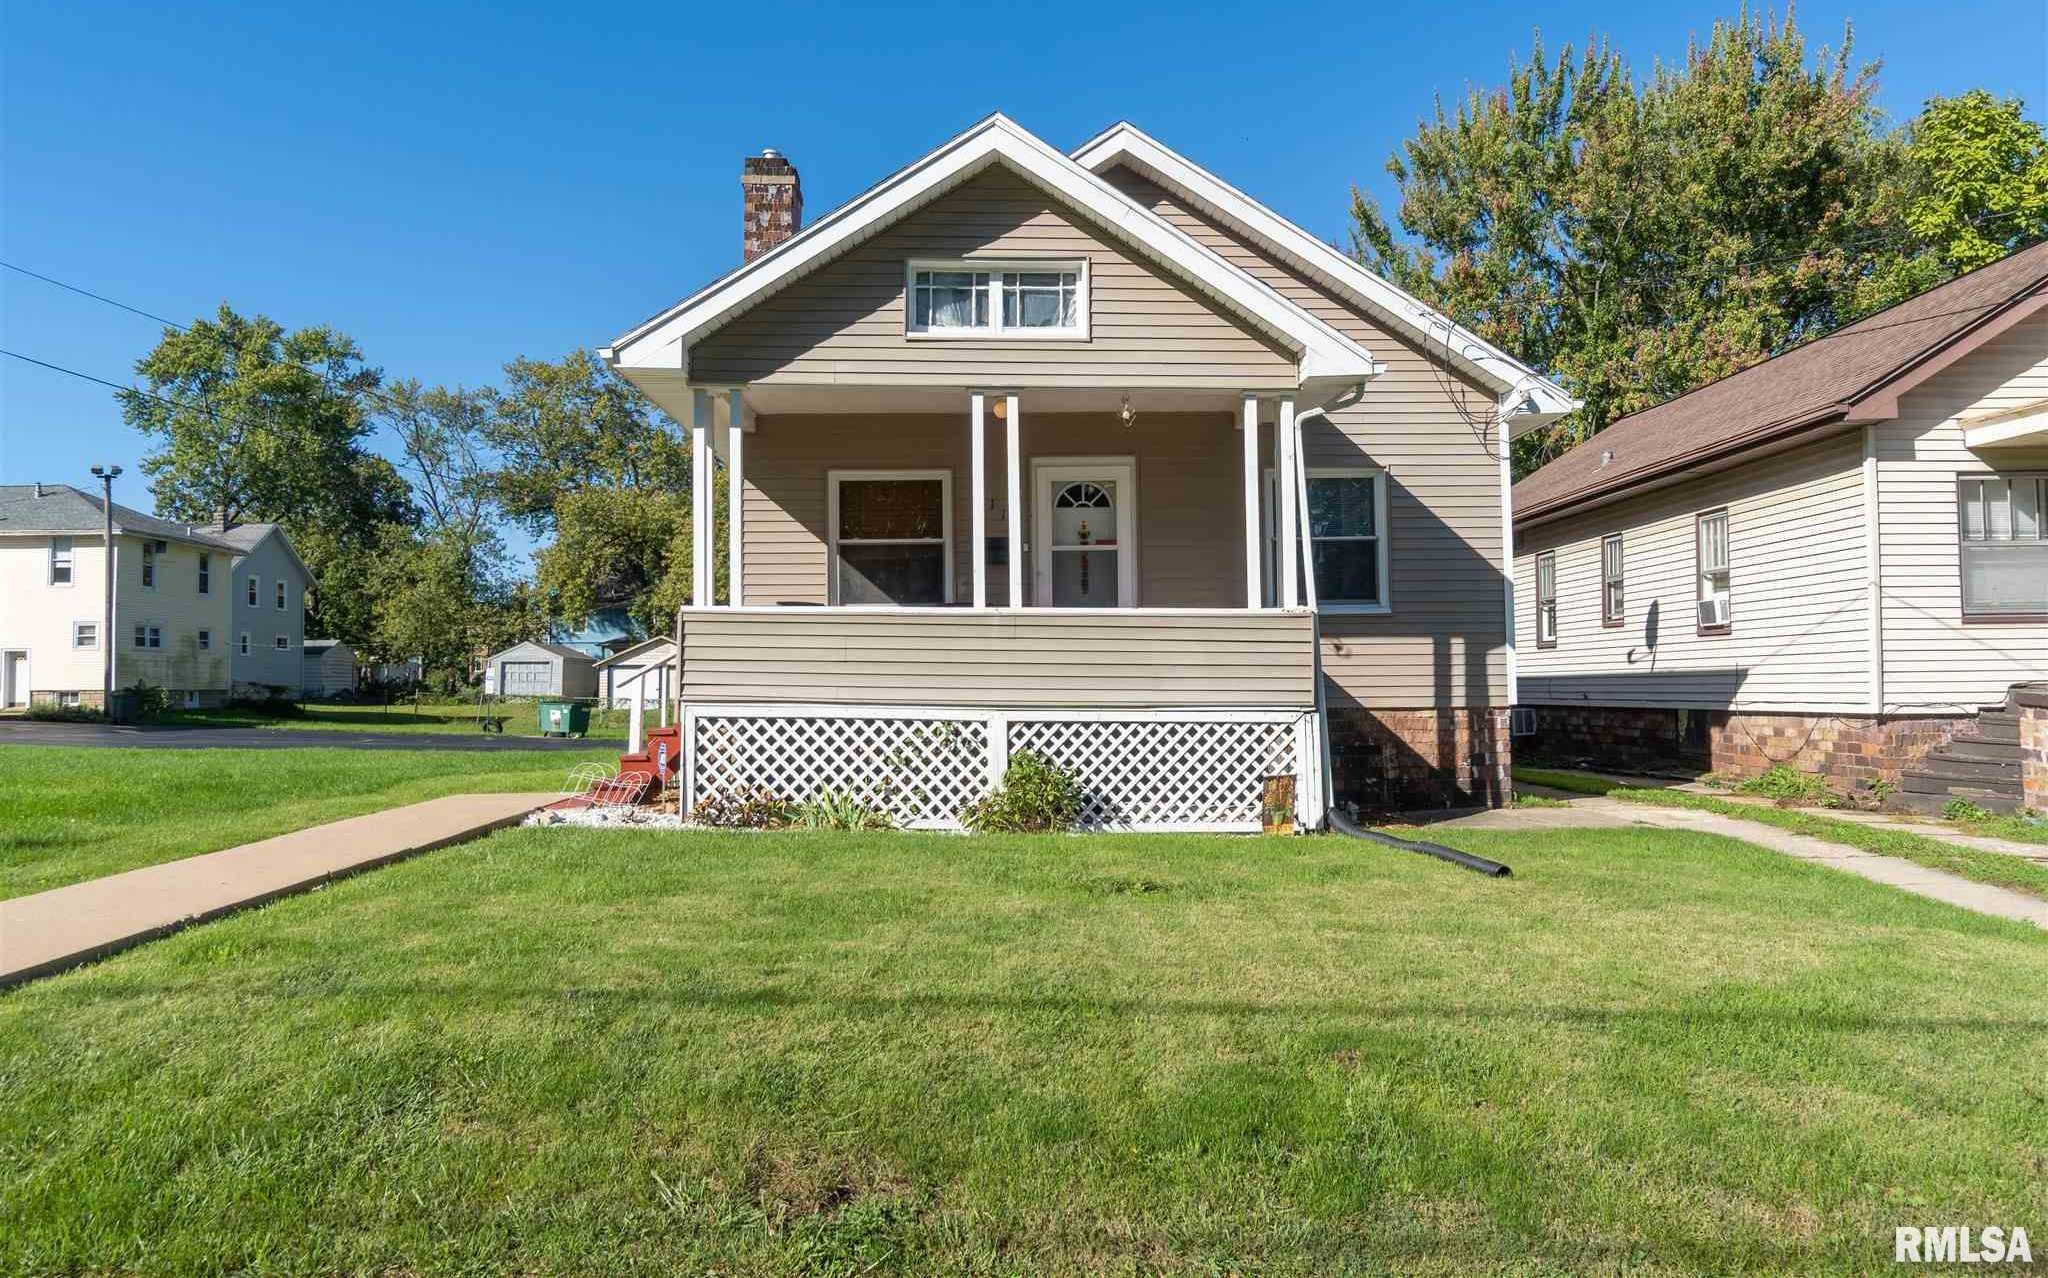 $65,000 - 2Br/1Ba -  for Sale in O'dell, Peoria